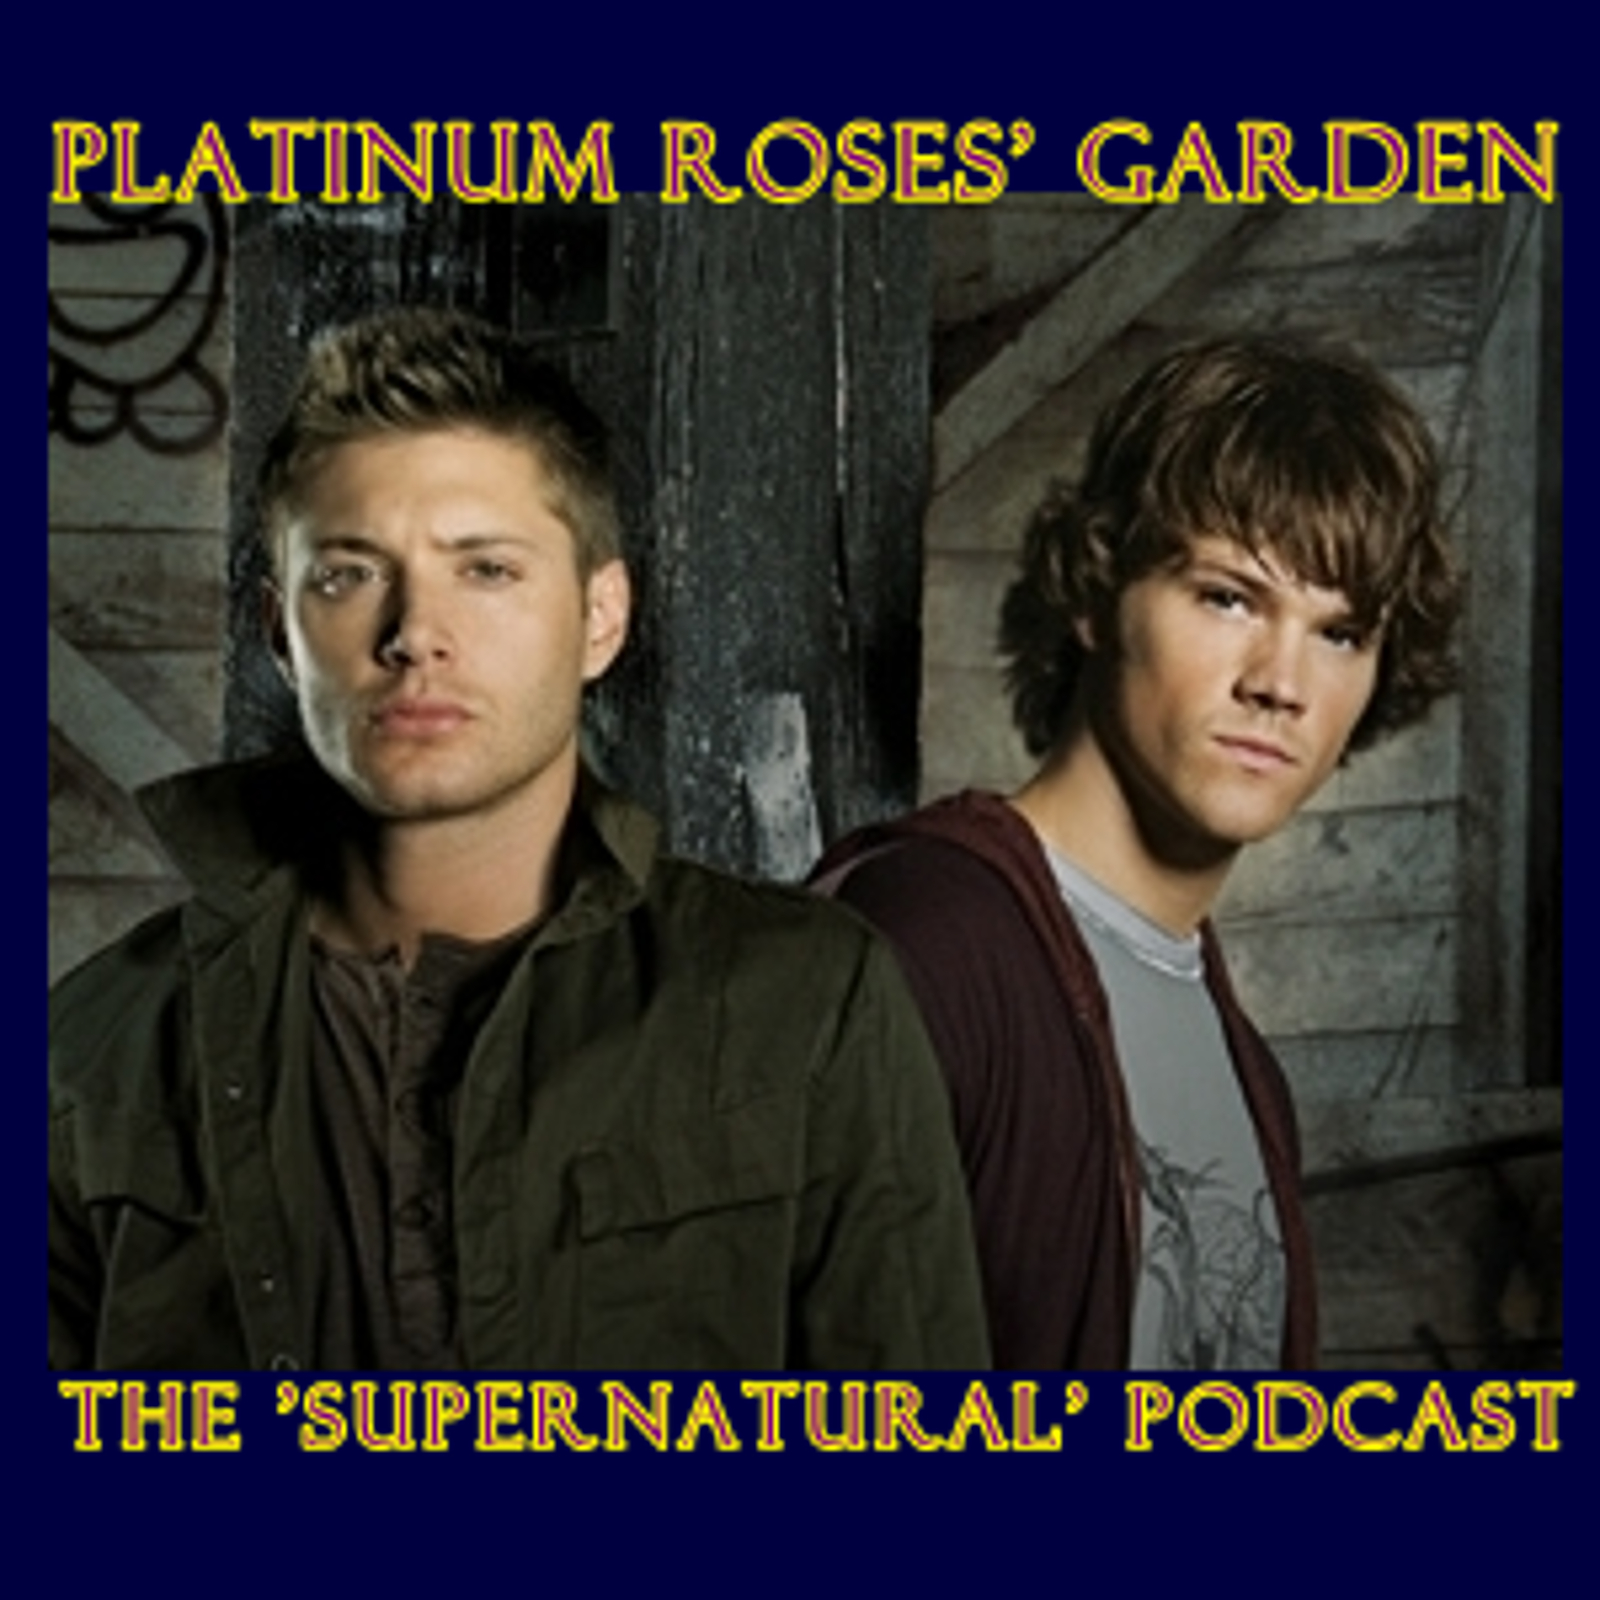 Artwork for Platinum Roses' Garden - October 17, 2010